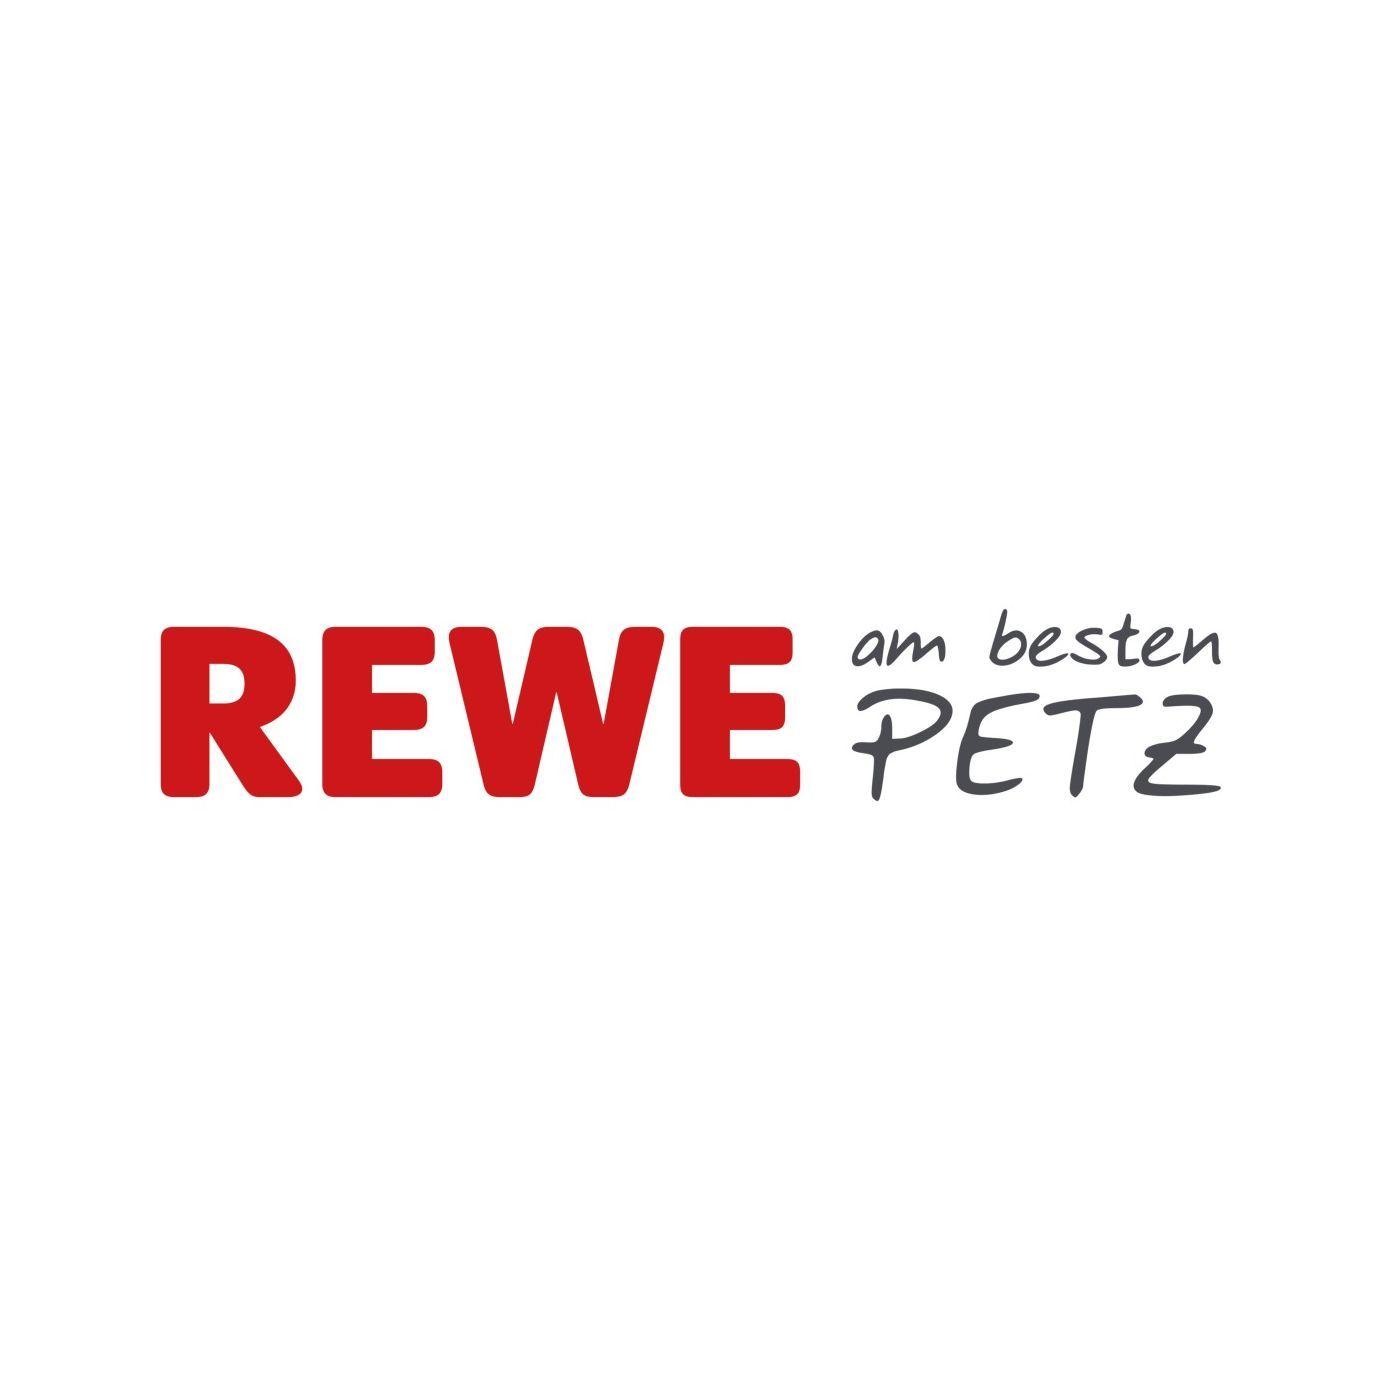 Bild zu REWE am besten PETZ in Bendorf am Rhein